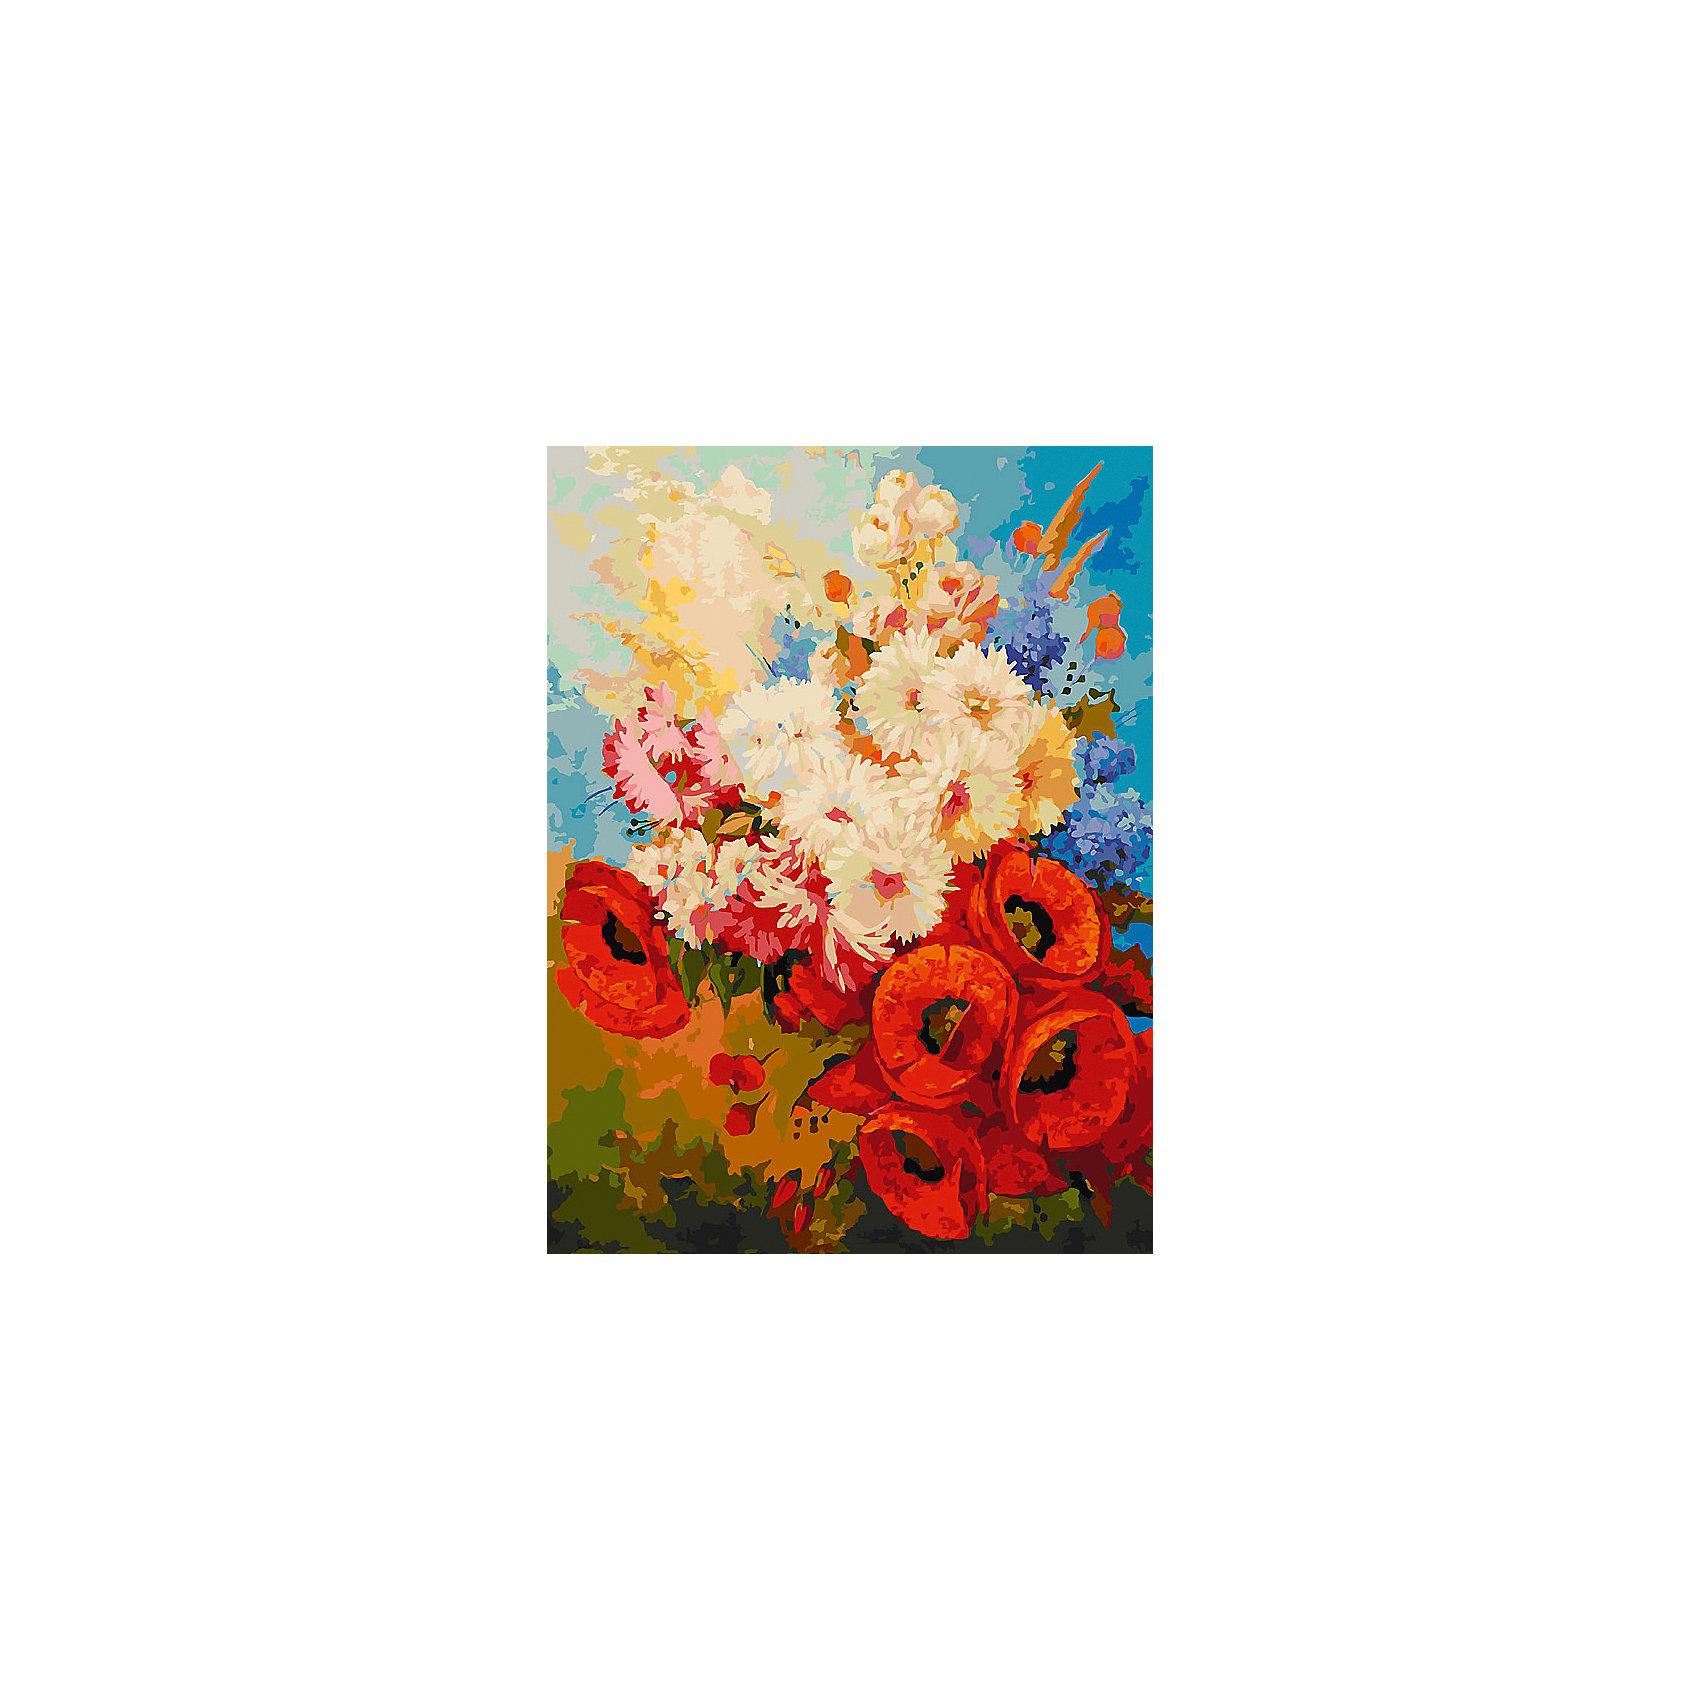 Живопись на холсте Цветочная мозаика, 30*40 смРисование<br>Живопись на холсте Цветочная мозаика, 30*40 см<br><br>Характеристики:<br><br>• Вес: 567<br>• Размер: 30х40<br>• Краски: акриловые, быстросохнущие<br>• Количество цветов: 36<br>• В наборе: холст на подрамнике, настенное крепление, контрольный лист с рисунком, 36 красок, 3 кисти<br><br>Данный набор позволит любому человеку ощутить себя профессиональным художником. В комплект входит холст с нанесенным на него рисунком по номерам, акриловые краски на водной основе, специальный контрольный лист, предотвращающий ошибки и 3 удобные кисти разных размеров. <br><br>Рисовать на холсте очень удобно, а благодаря номерам на картине и баночках с краской - это совсем просто. Цвета ложатся ровным слоем, перекрывая нанесенный рисунок. Если вы боитесь, что где-то ошиблись – приложите контрольный лист, который полностью повторяет схему. Акриловые краски совершенно безопасны и не имеют запаха. А благодаря настенному креплению вы сможете повесить готовую работу.<br><br>Живопись на холсте Цветочная мозаика, 30*40 см можно купить в нашем интернет-магазине.<br><br>Ширина мм: 410<br>Глубина мм: 310<br>Высота мм: 250<br>Вес г: 567<br>Возраст от месяцев: 72<br>Возраст до месяцев: 2147483647<br>Пол: Унисекс<br>Возраст: Детский<br>SKU: 5500364